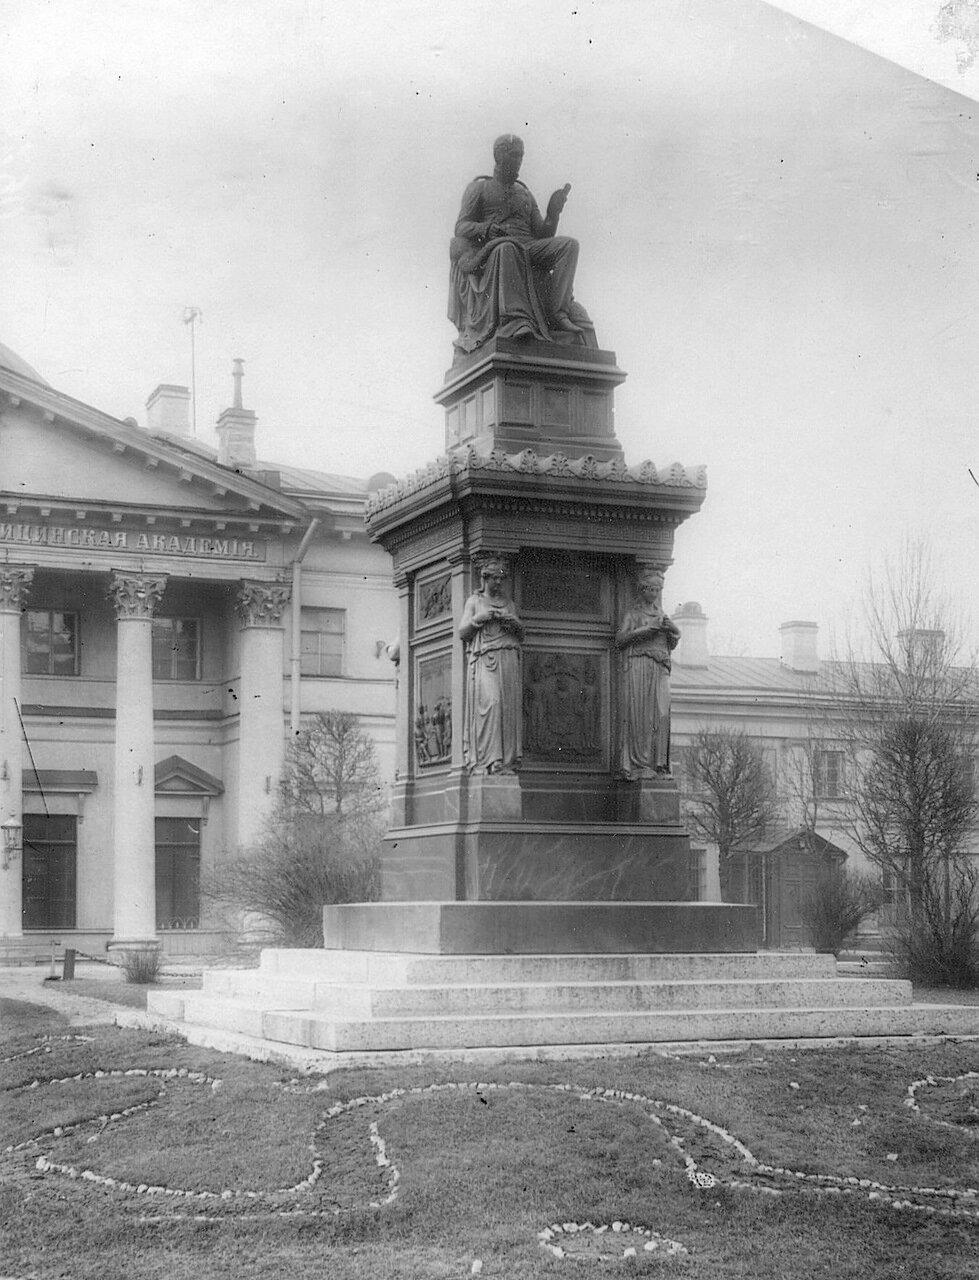 05. Вид памятника Я.В.Виллие (1768-1854) перед входом в главное здание академии